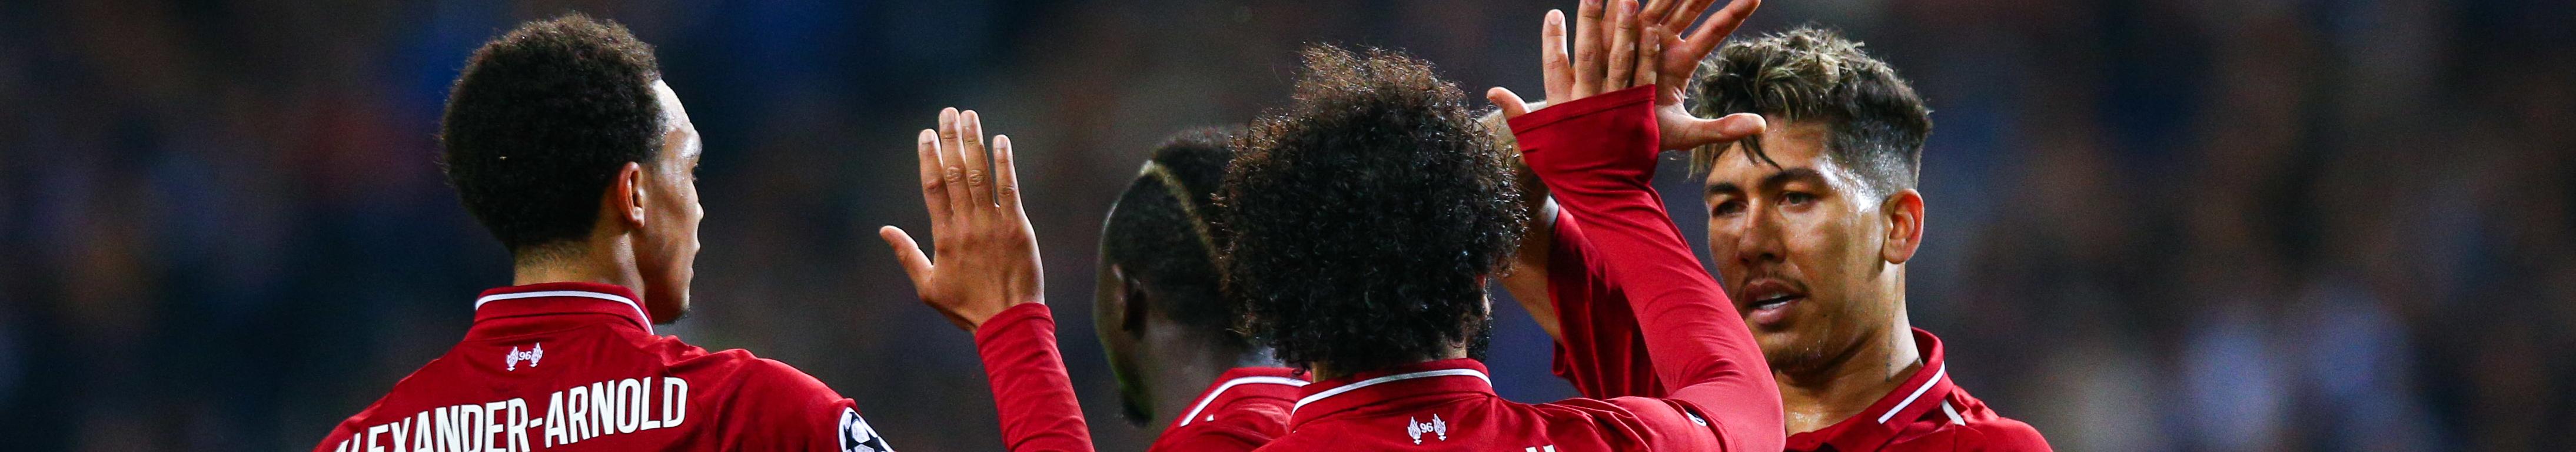 Liverpool-Huddersfield, un testa-coda dall'esito che appare scontato